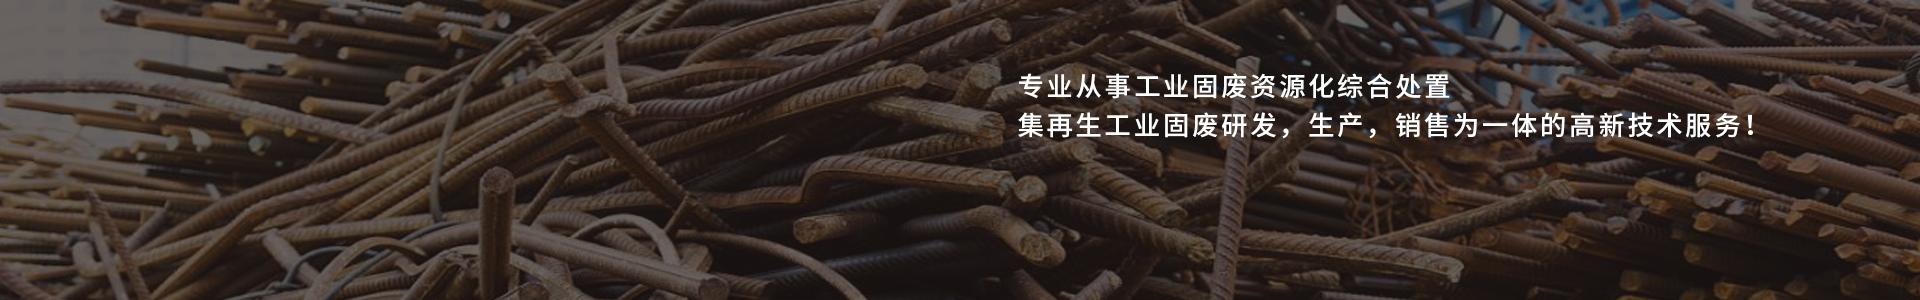 http://www.hajdjs.cn/data/upload/202101/20210113115632_330.png